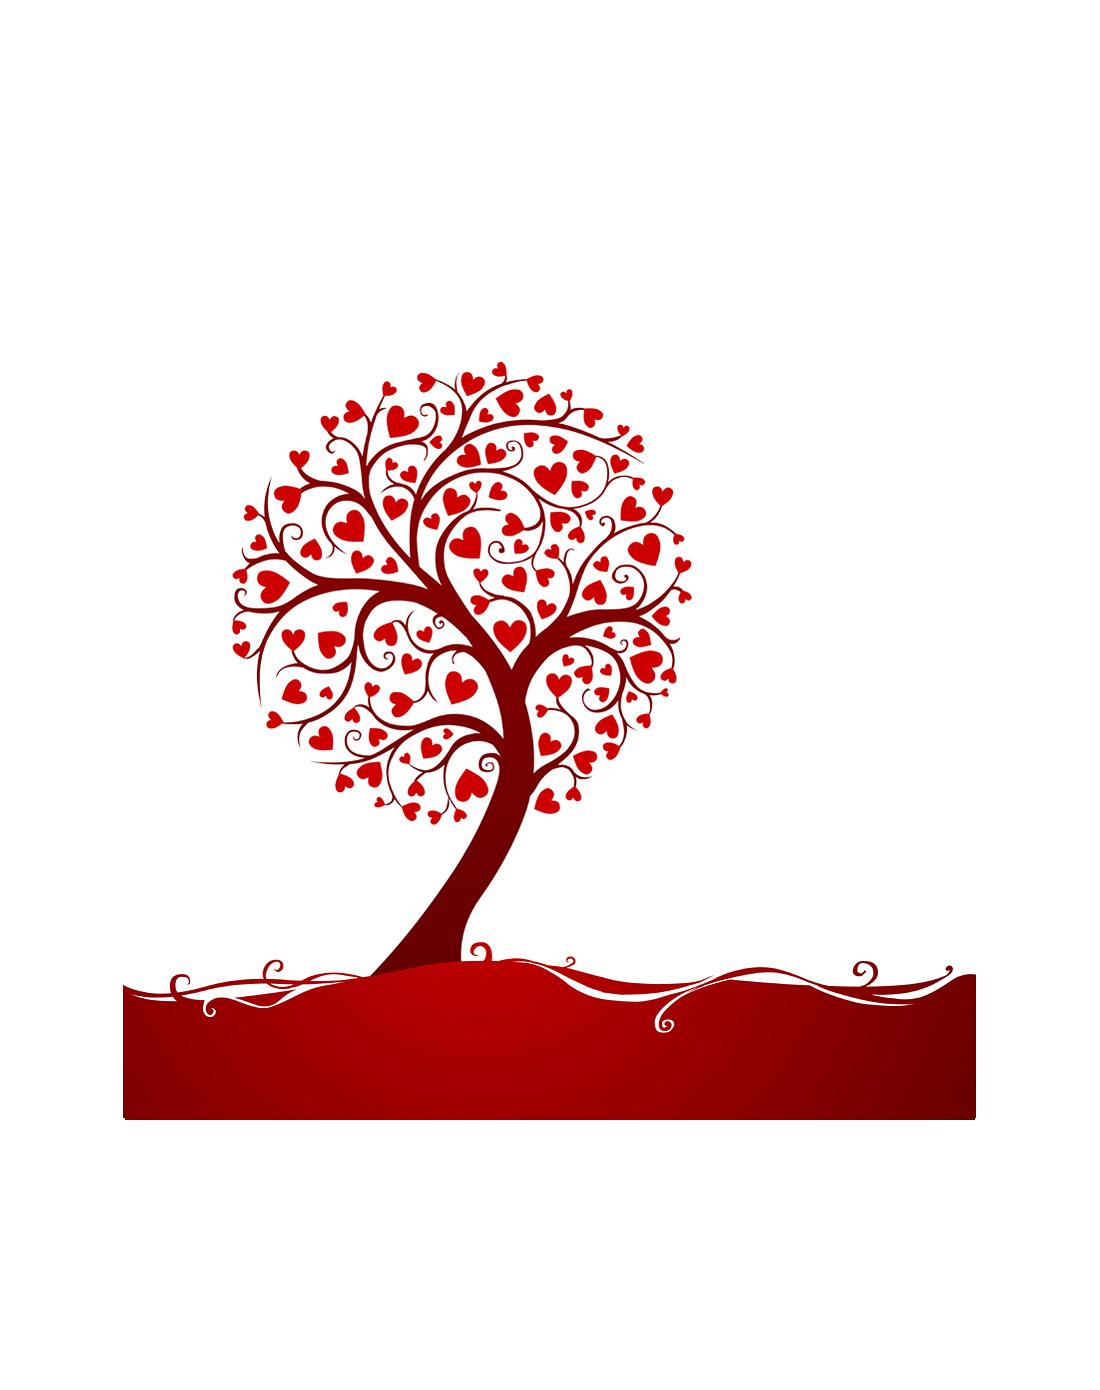 树剪纸图案步骤